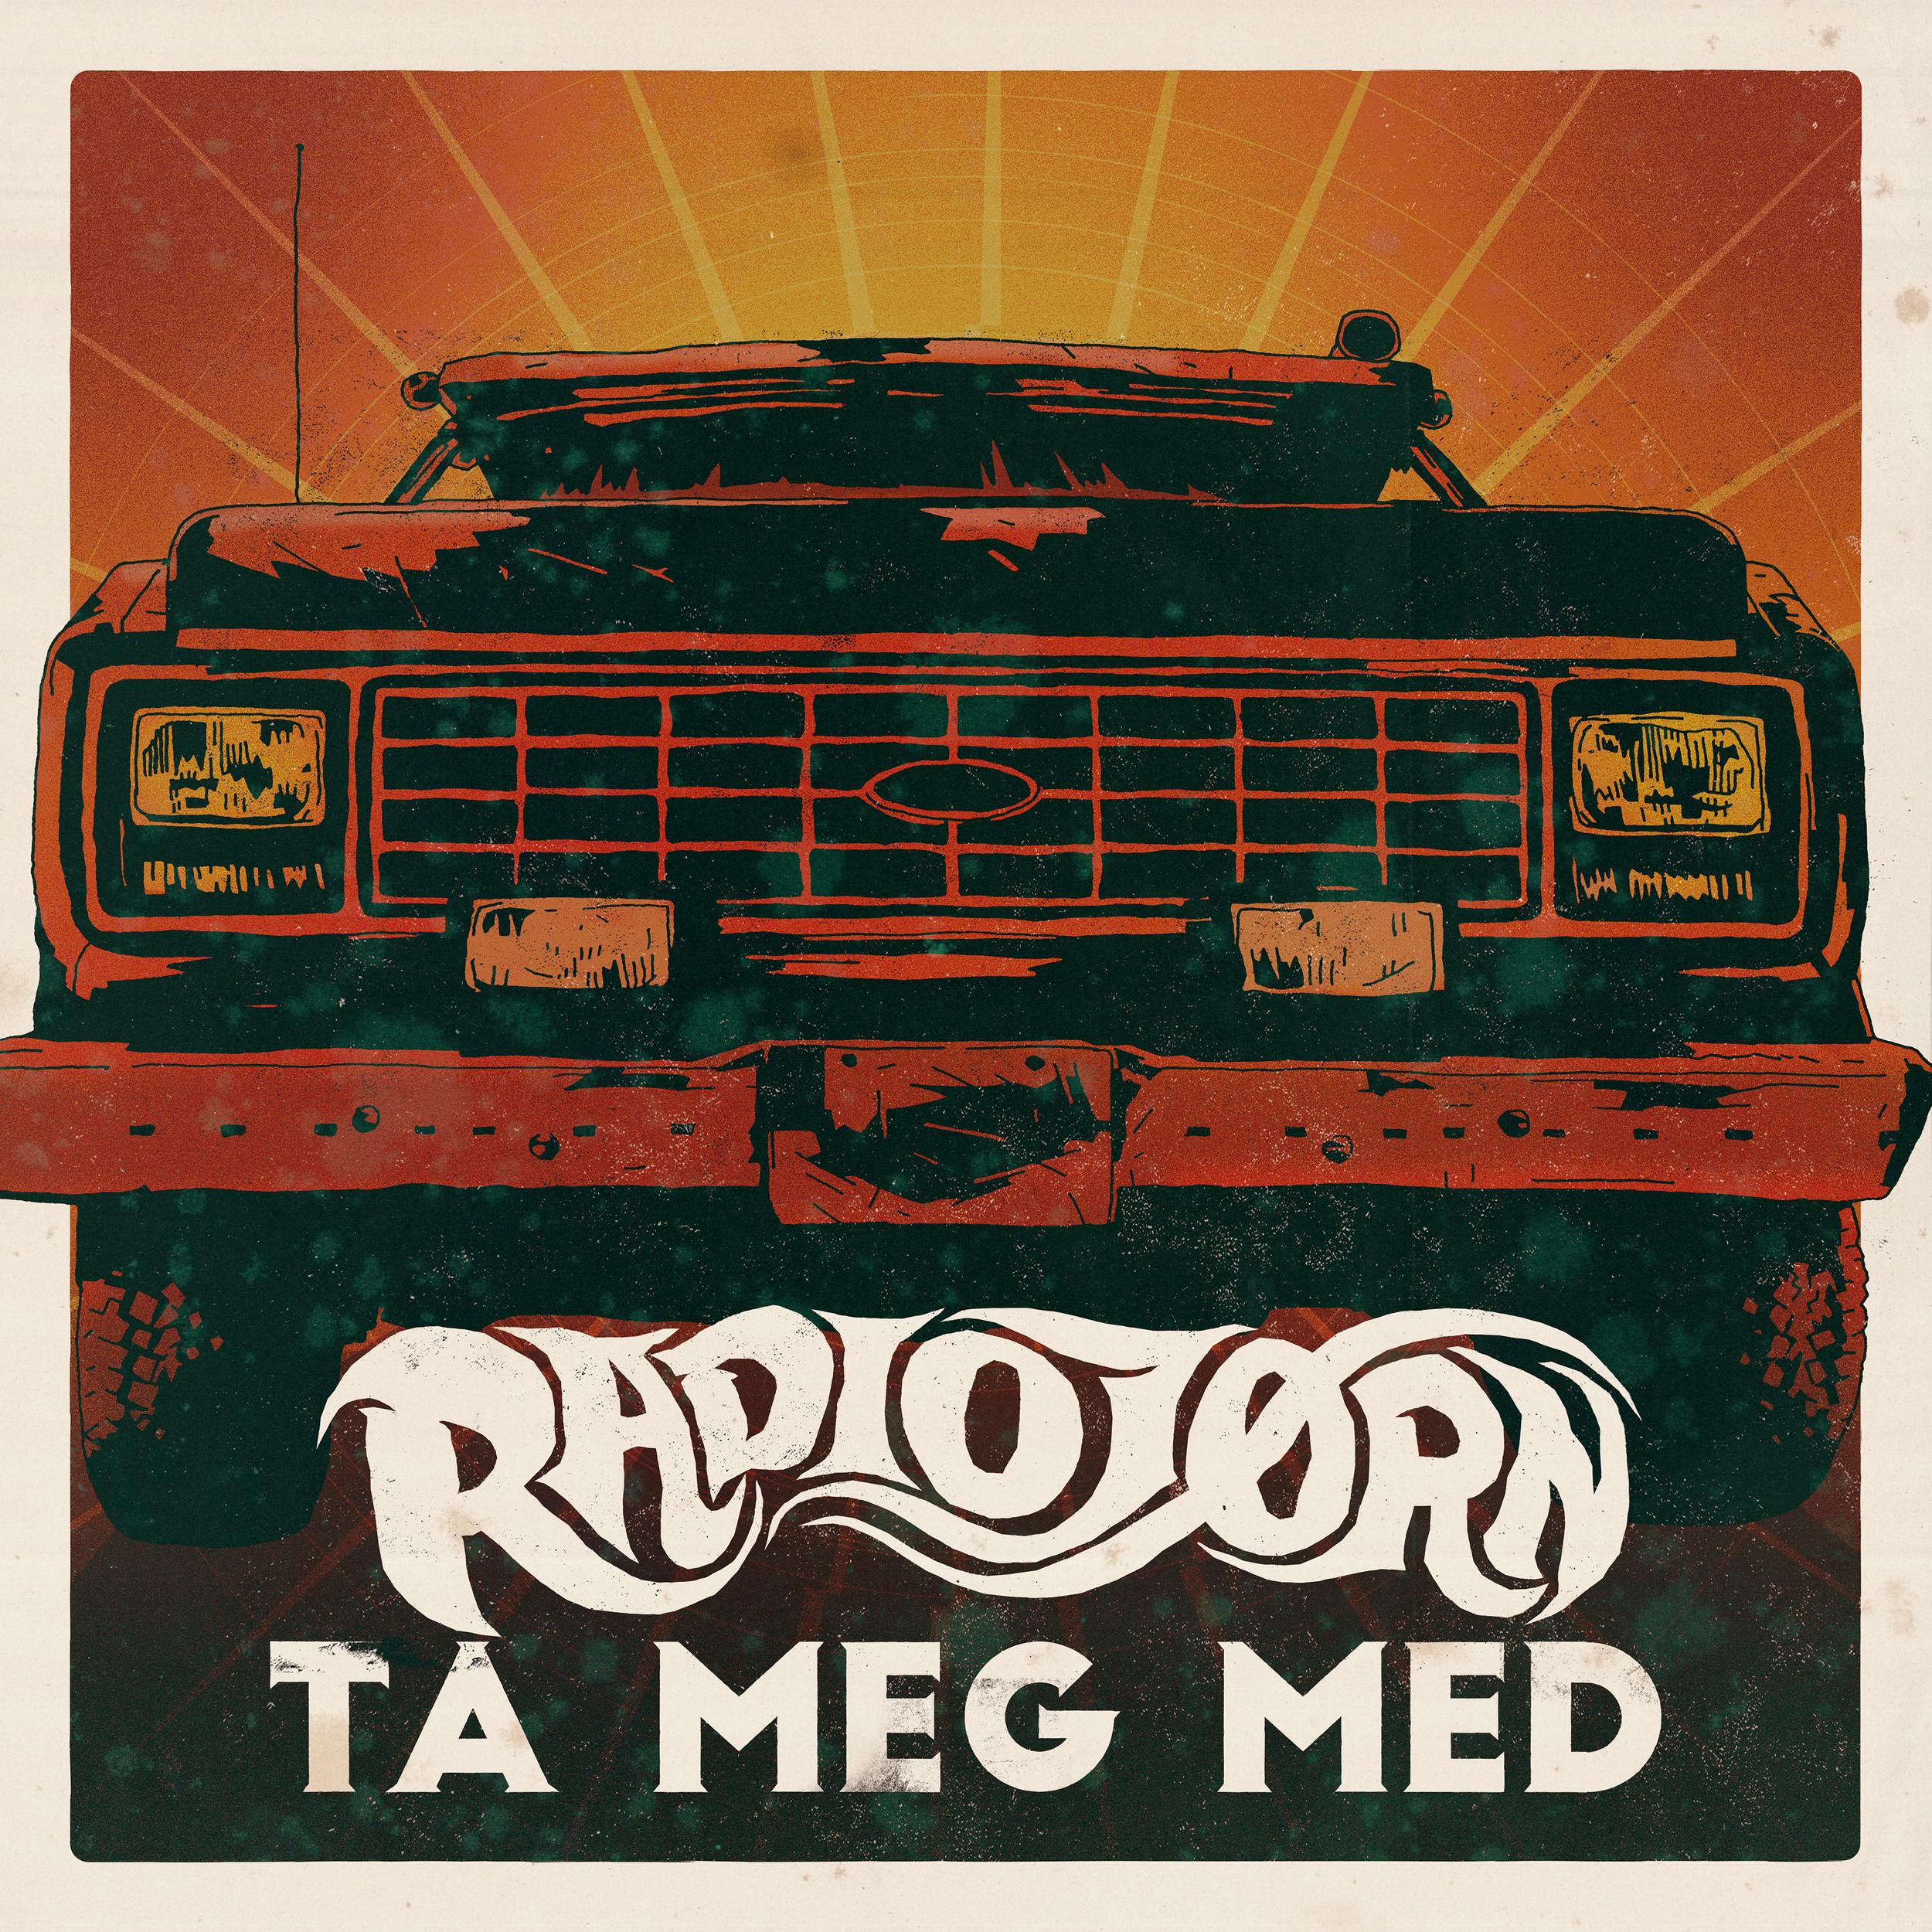 Radiojørn-tamegmed-3000x3000.png